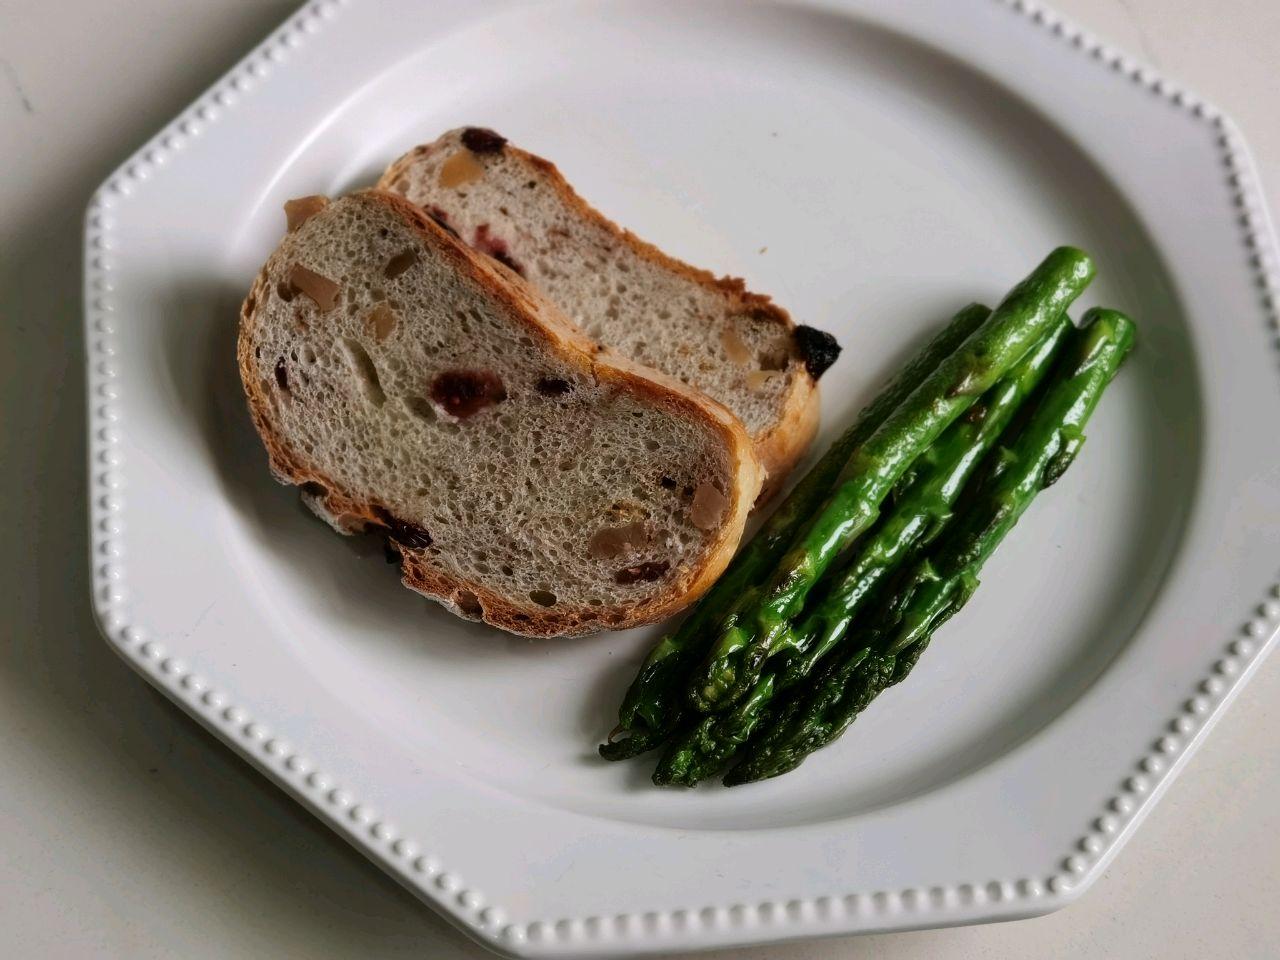 Nâng tầm cho món bánh mì trứng lên đẳng cấp nhà hàng chỉ với vài động tác đơn giản ai cũng làm được - Ảnh 10.